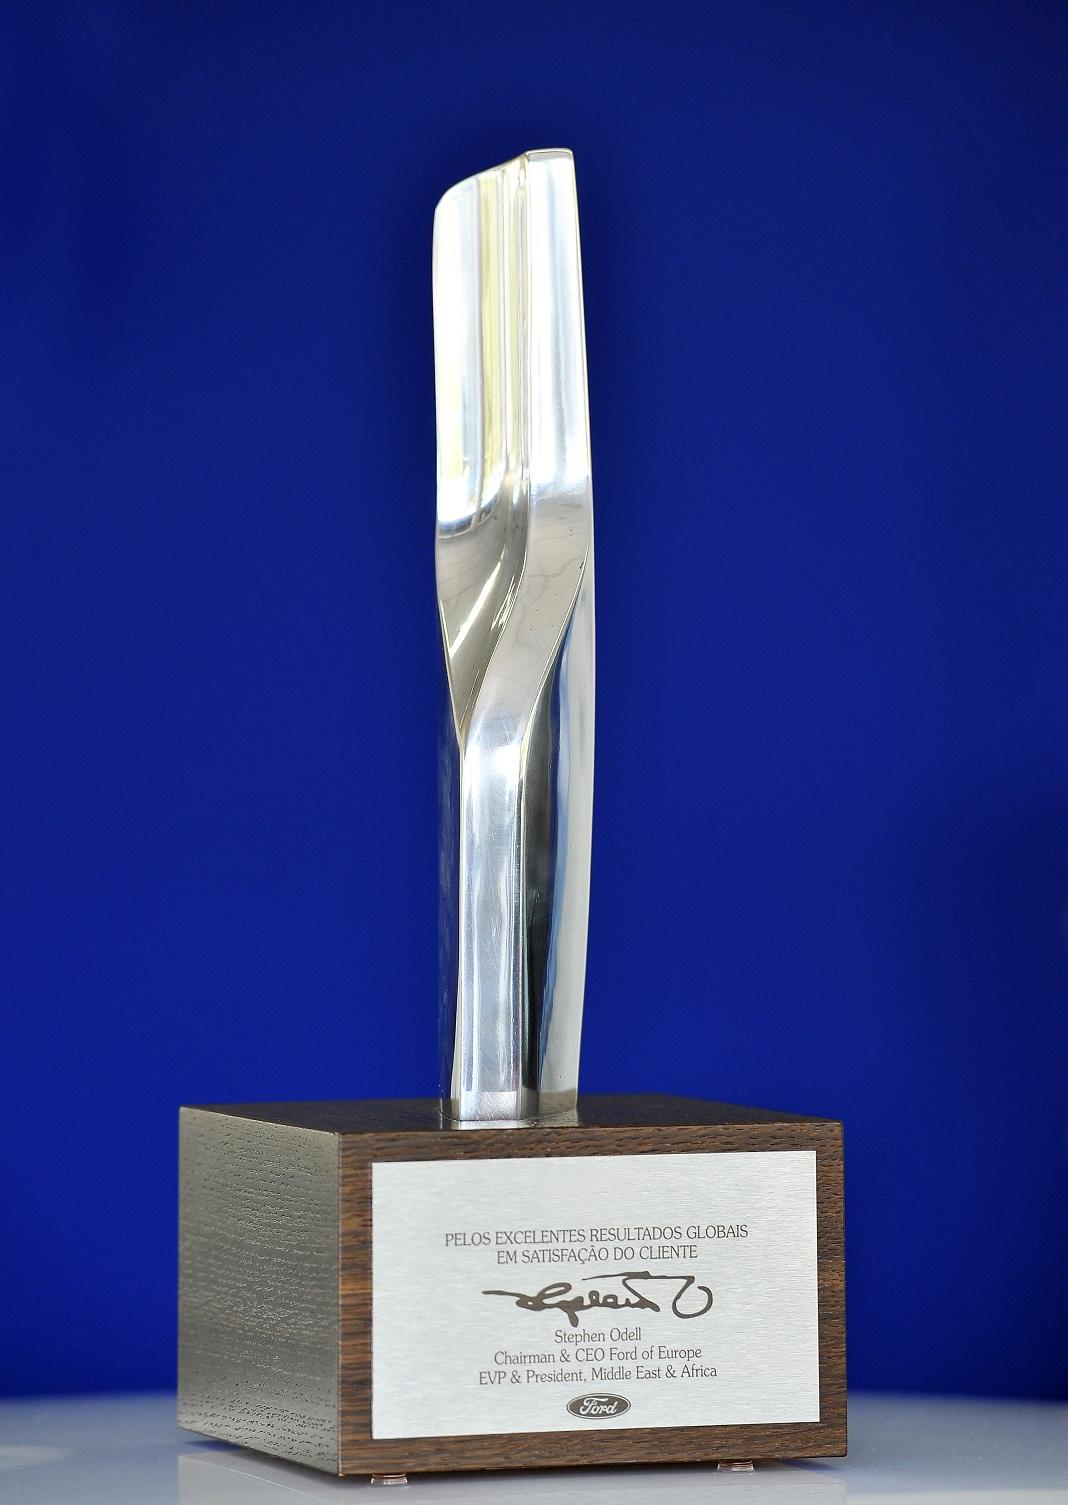 Troféu 2012 a LR